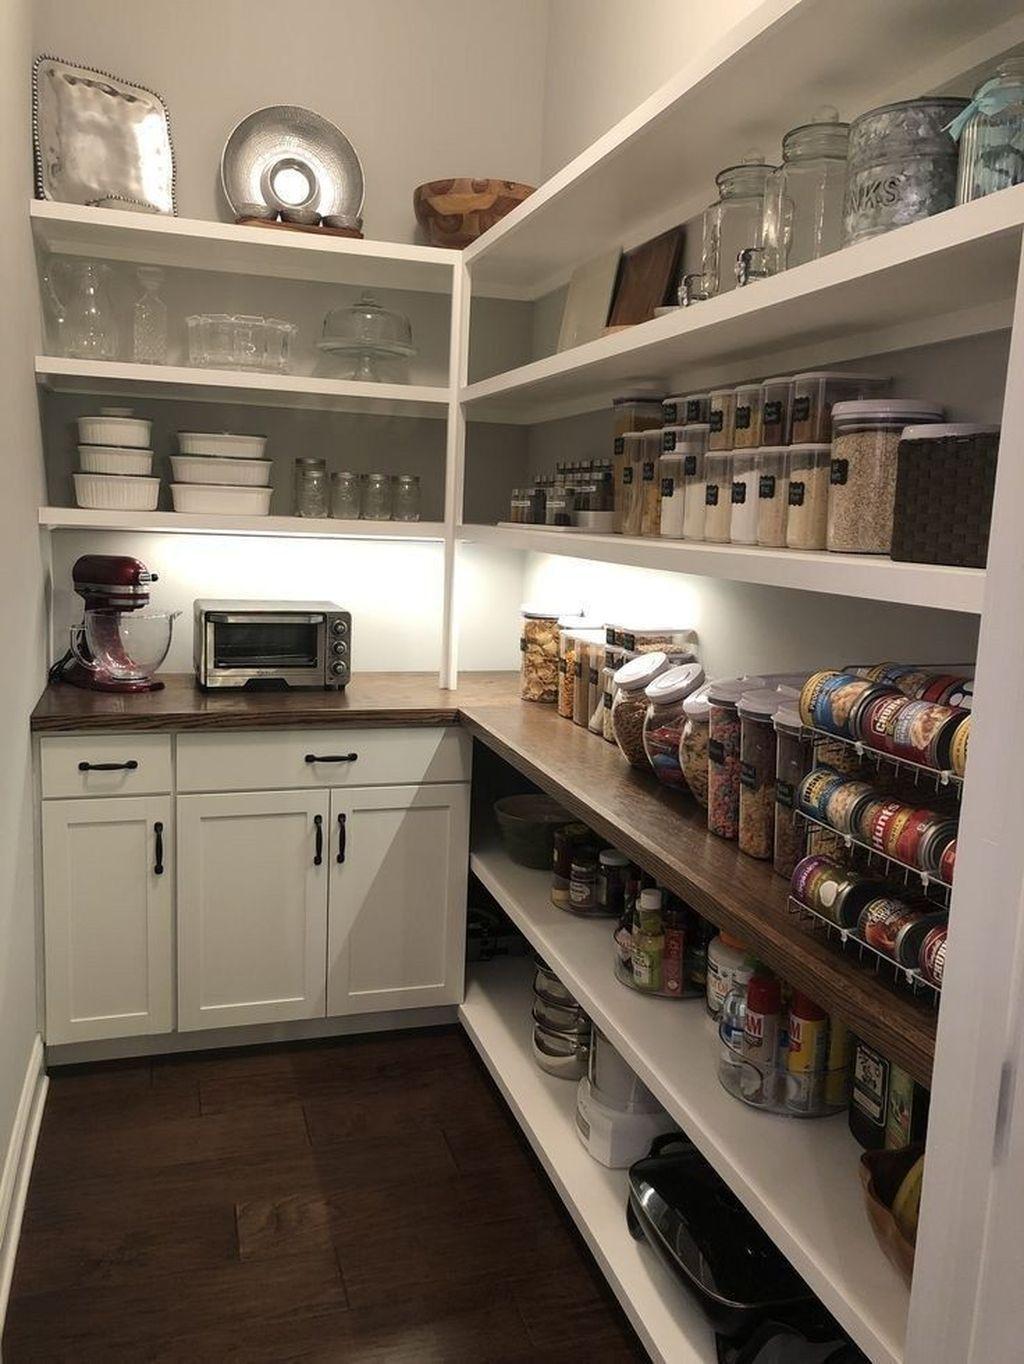 36 die besten ideen zur aufbewahrung in der küche für mehr